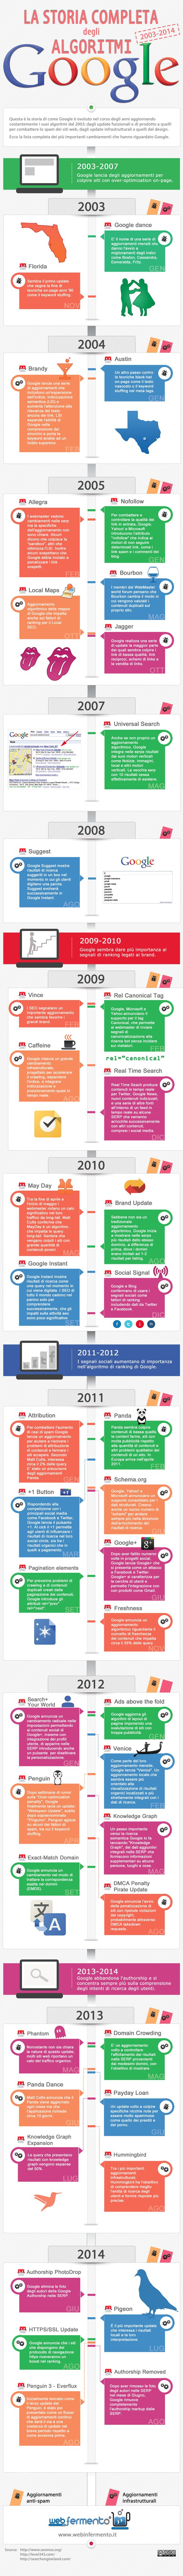 L'evoluzione dell'algoritmo di Google 2003-2014 #google